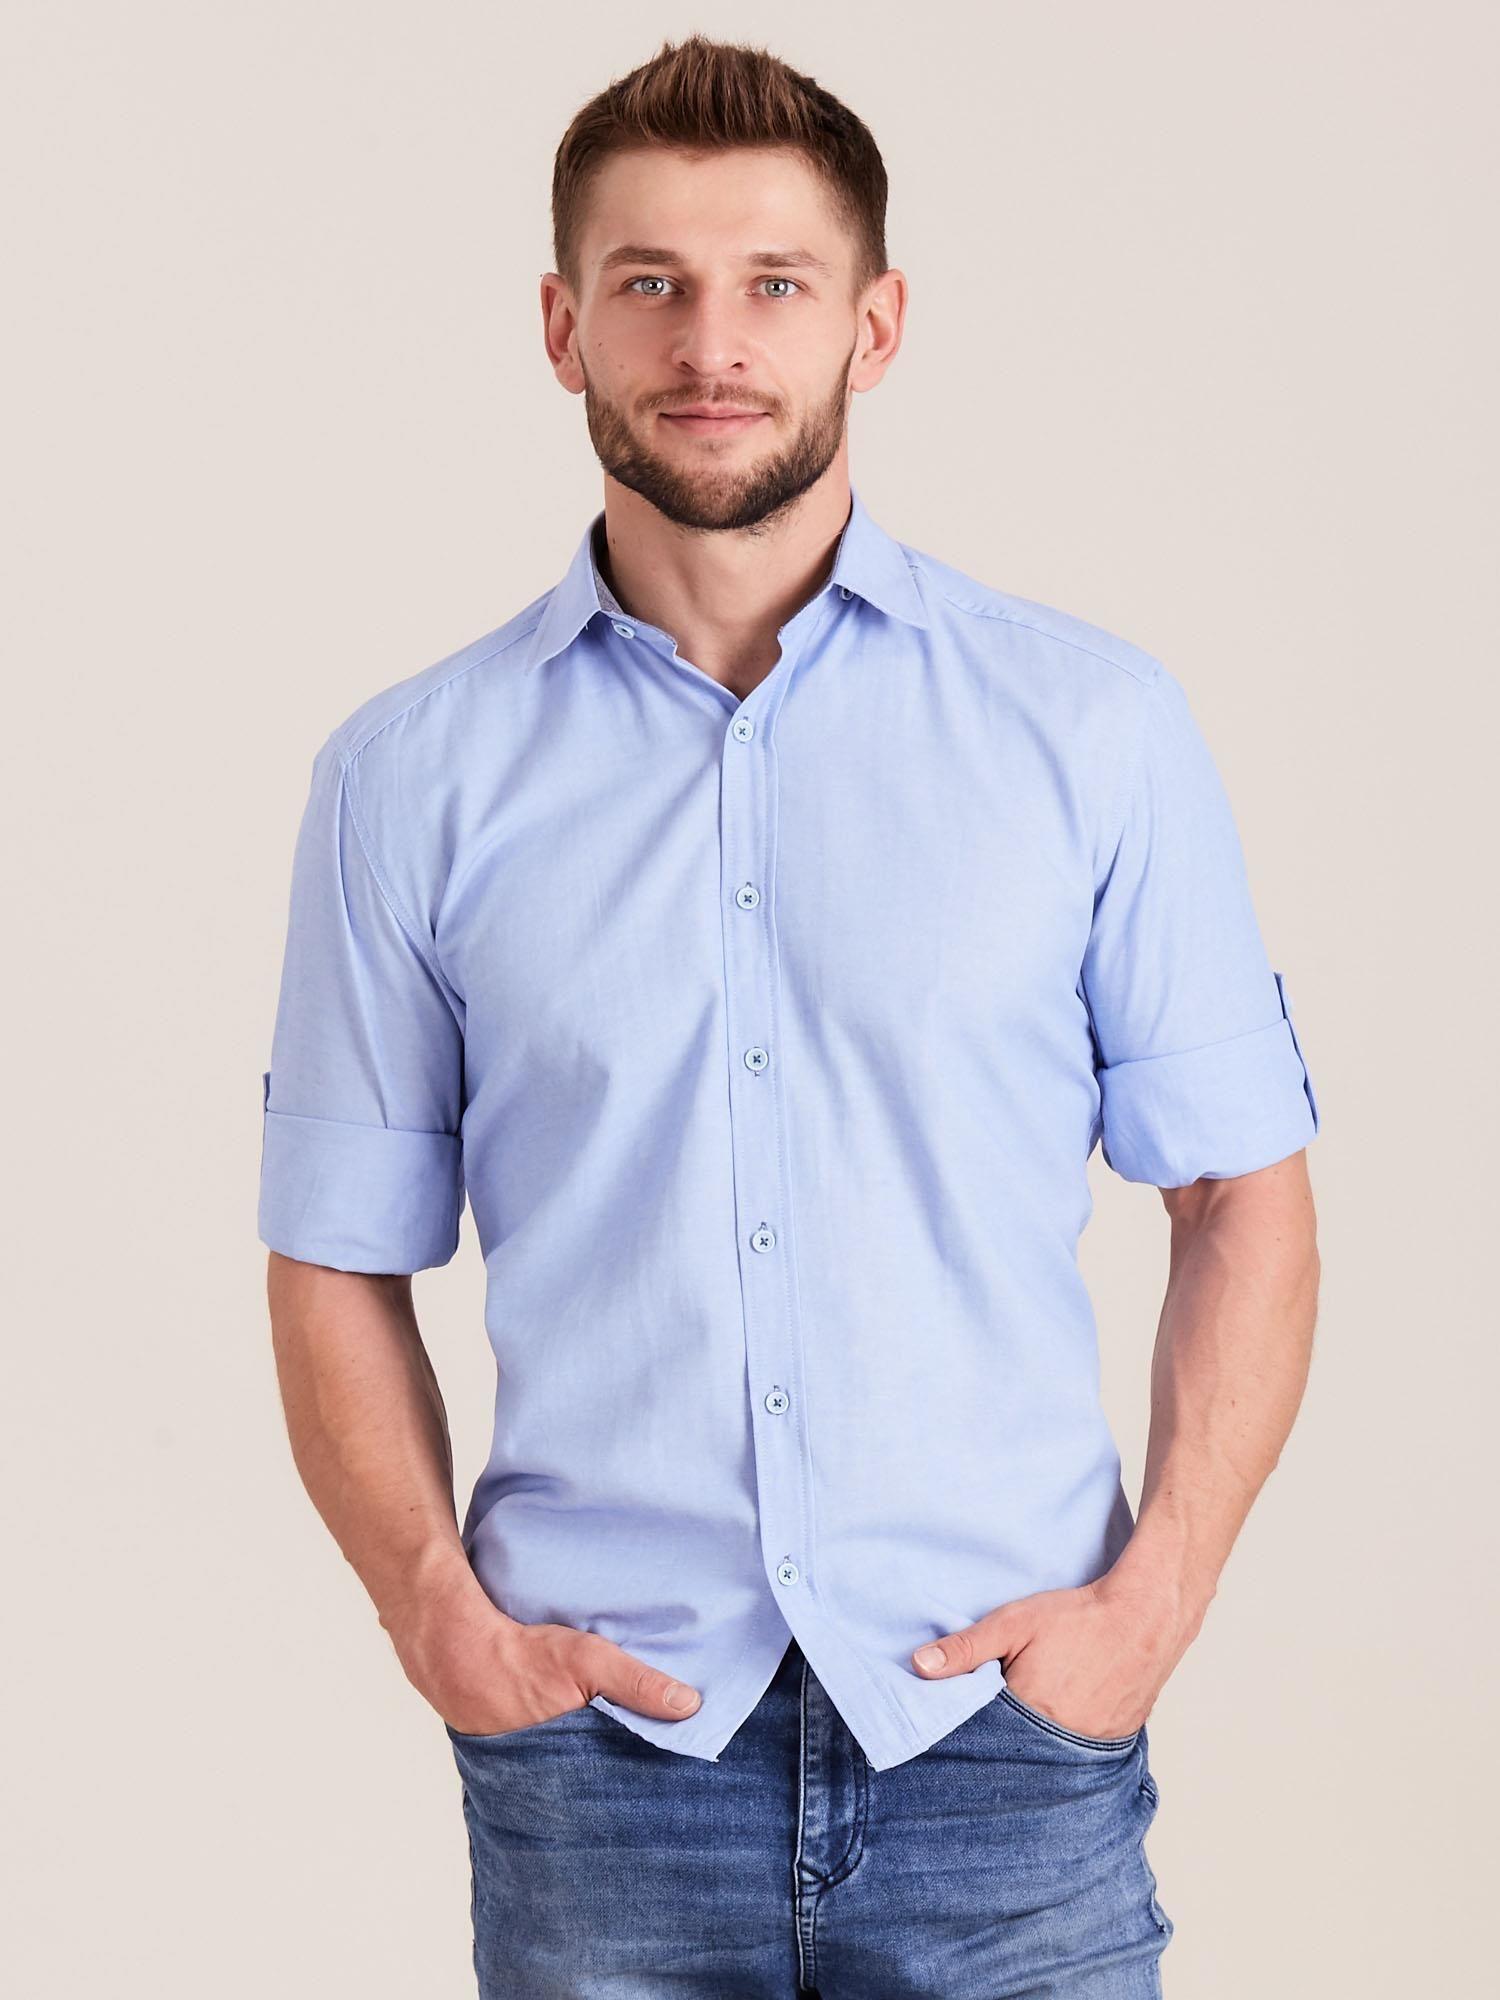 4c8993dd2500b8 Niebieska koszula męska o regularnym kroju - Mężczyźni koszula męska ...